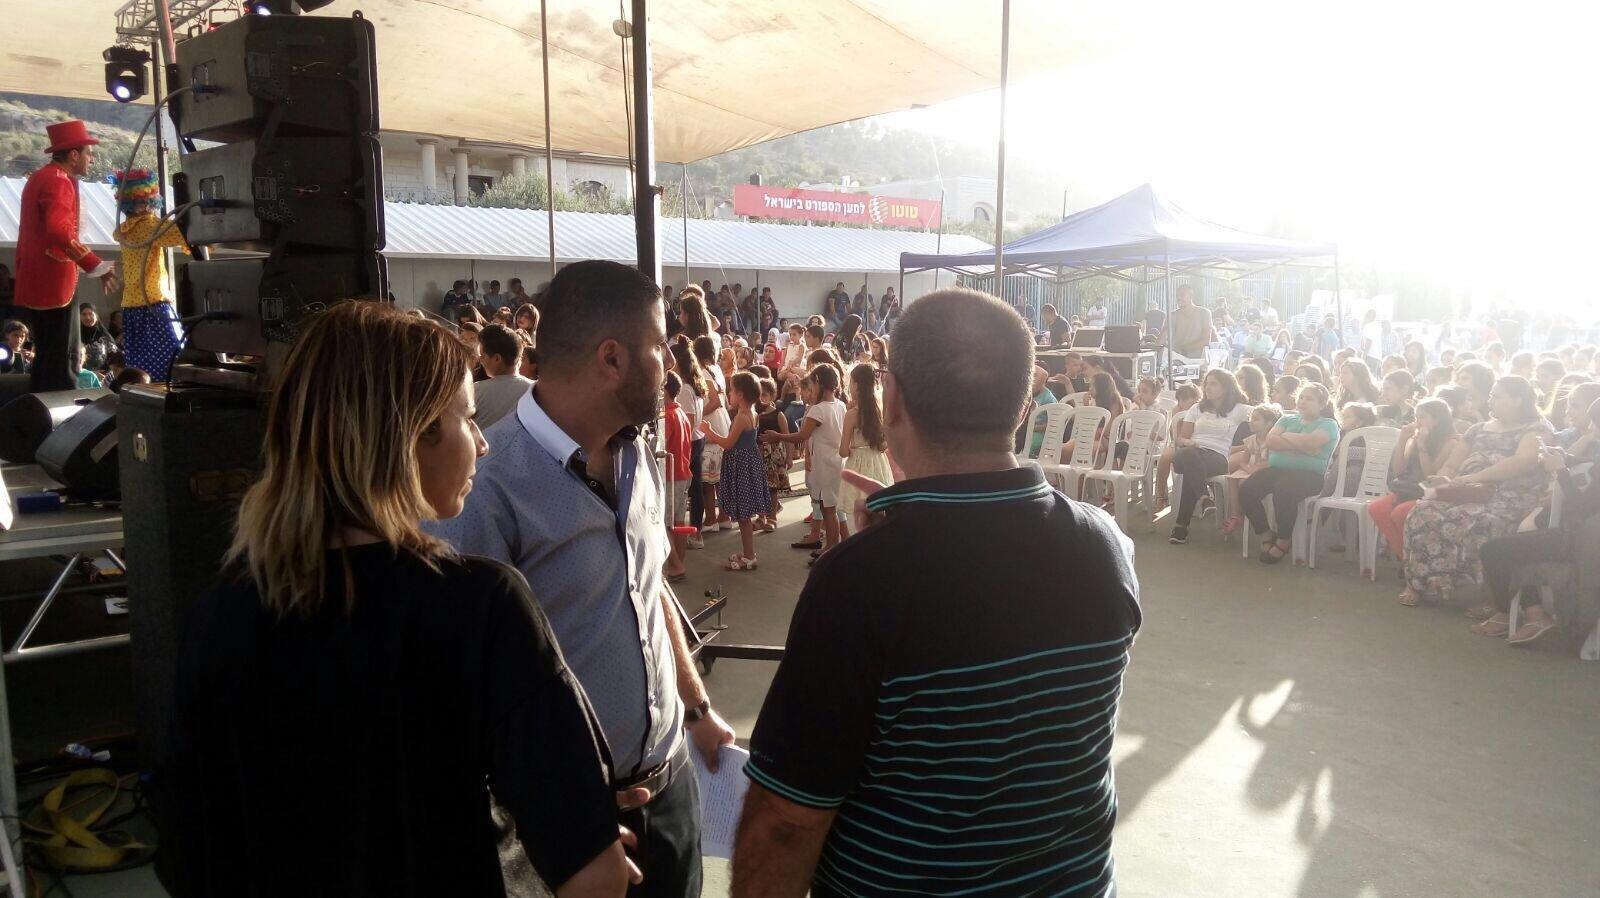 حضور واسع بحفلة الفنان خلايلة في نين